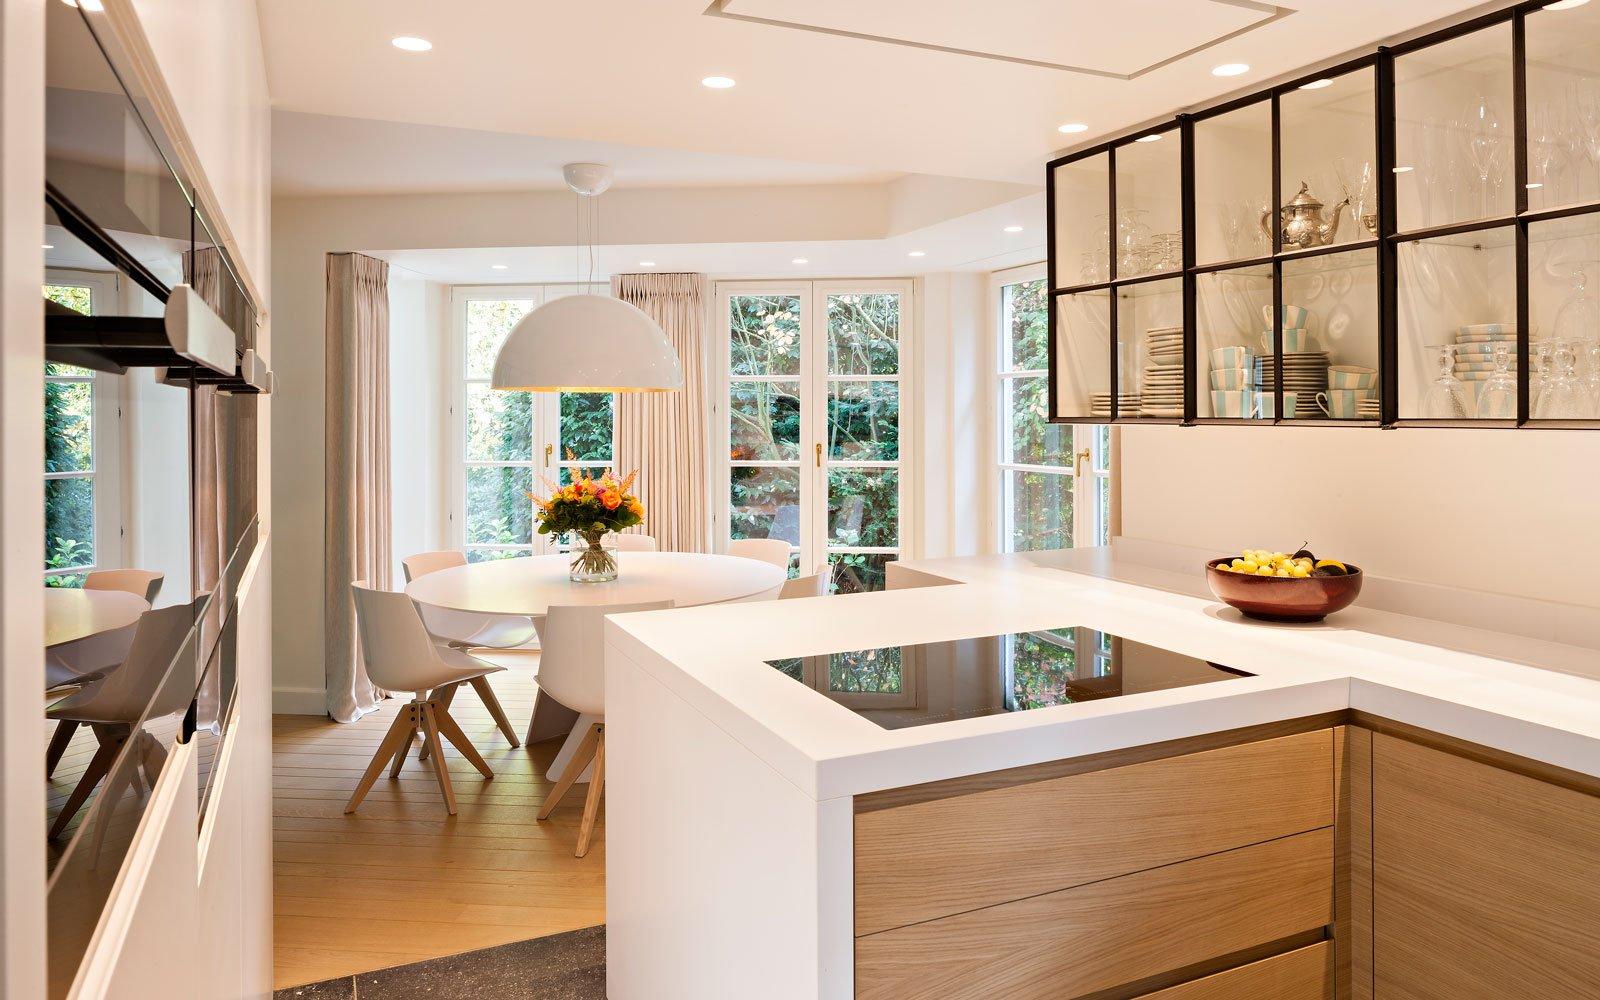 Keuken, hout, staal, glas, houten vloer, klassieke villa, b+ villas